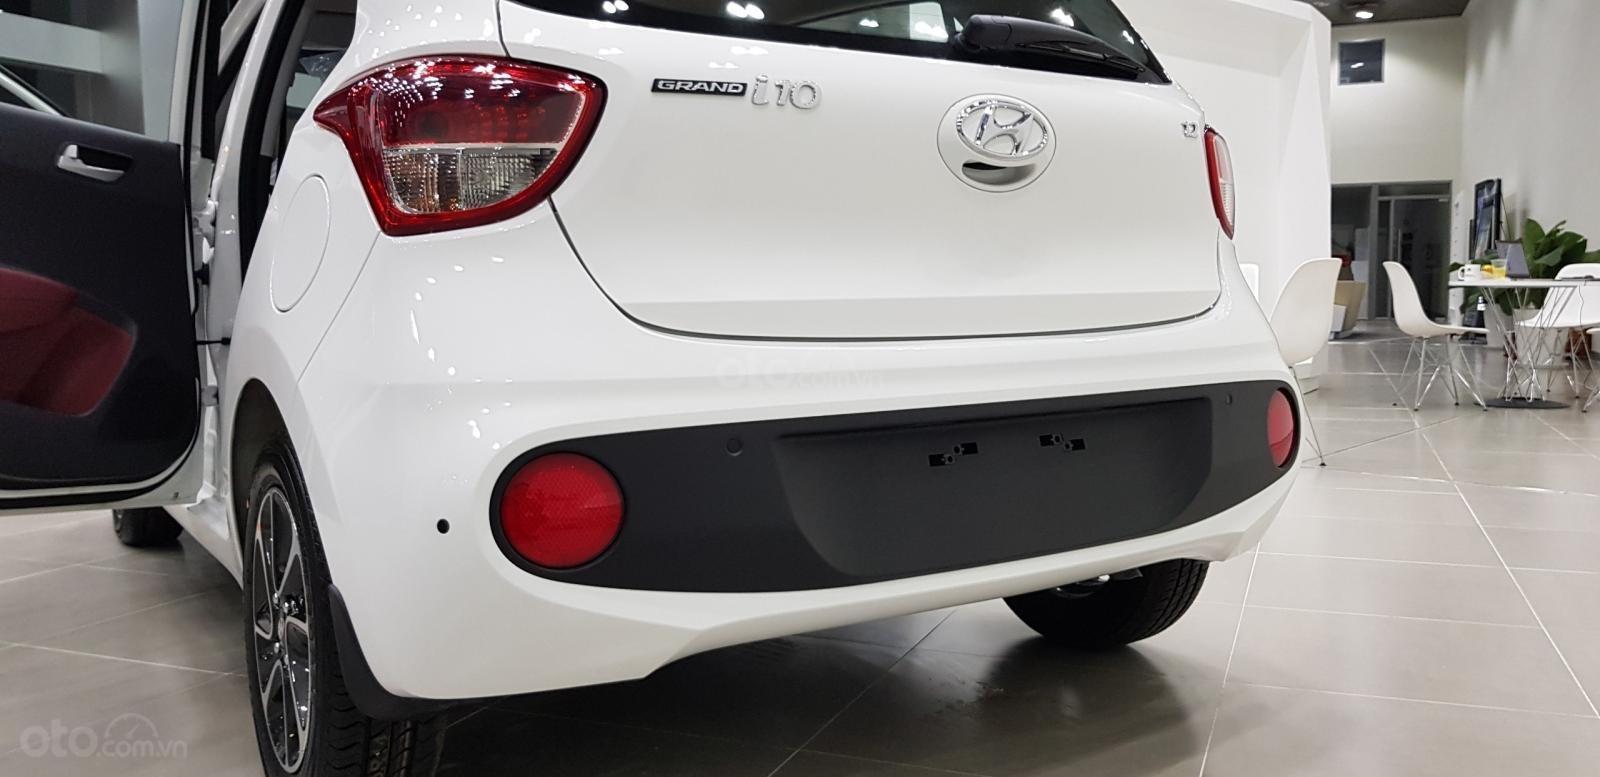 Bán Hyundai i10 hatchback, sản xuất 2019, có giao ngay, giá cạnh tranh, đủ màu, LH 0971626238 (5)